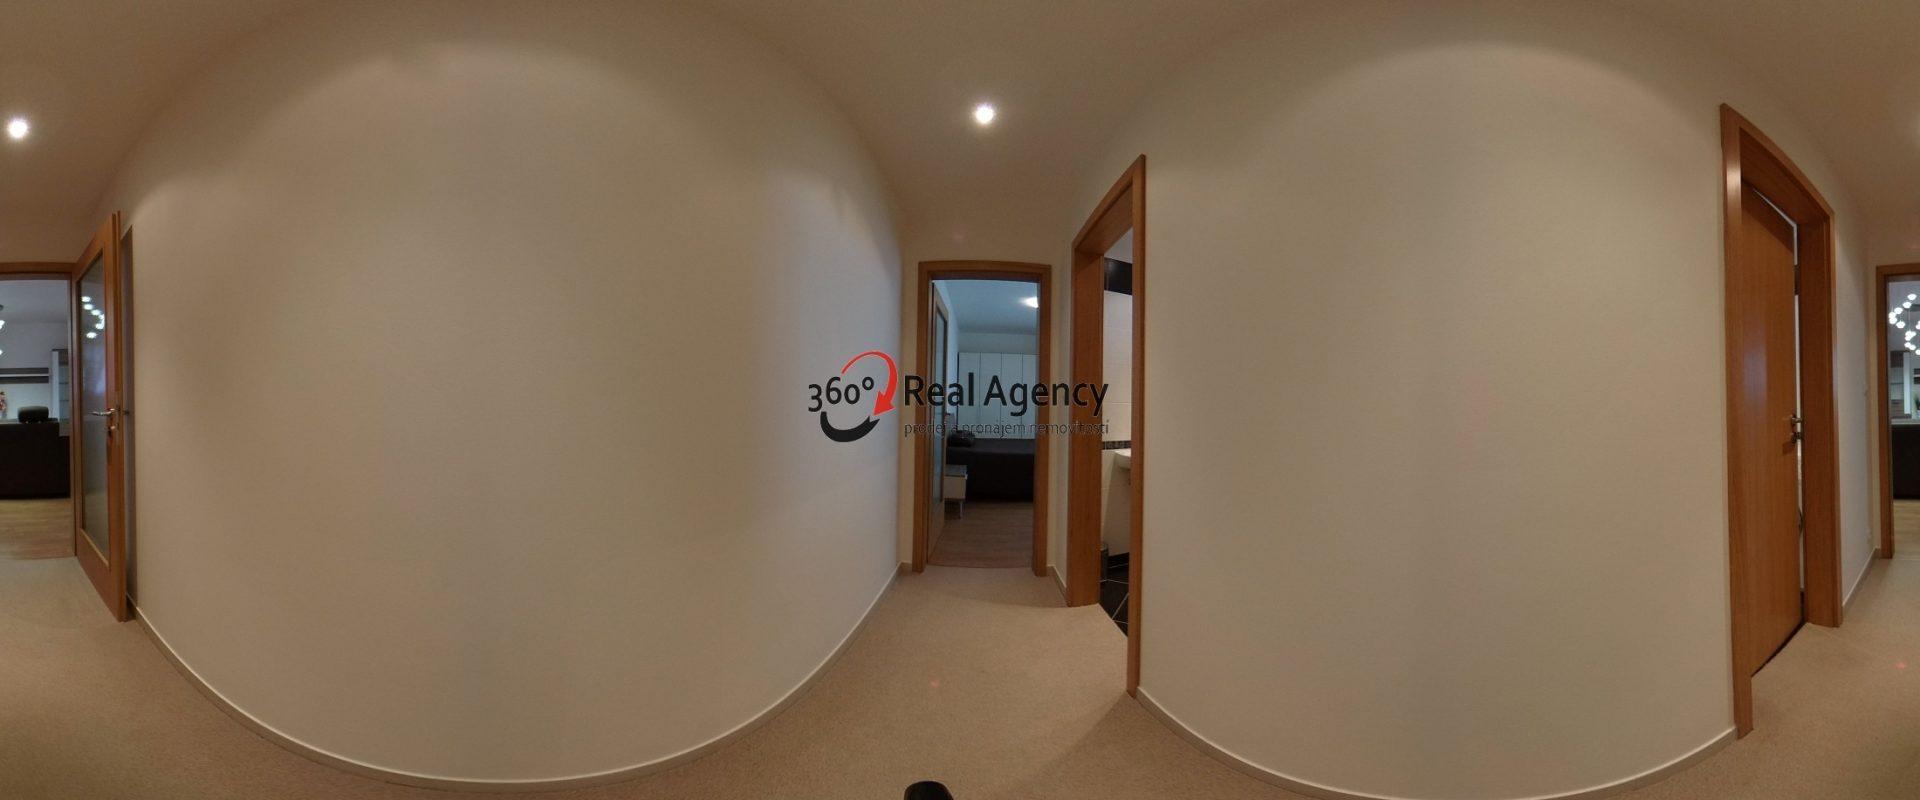 Pronájem bytu 2+kk 95 m², Terasa, parkovací místo přímo v domě.